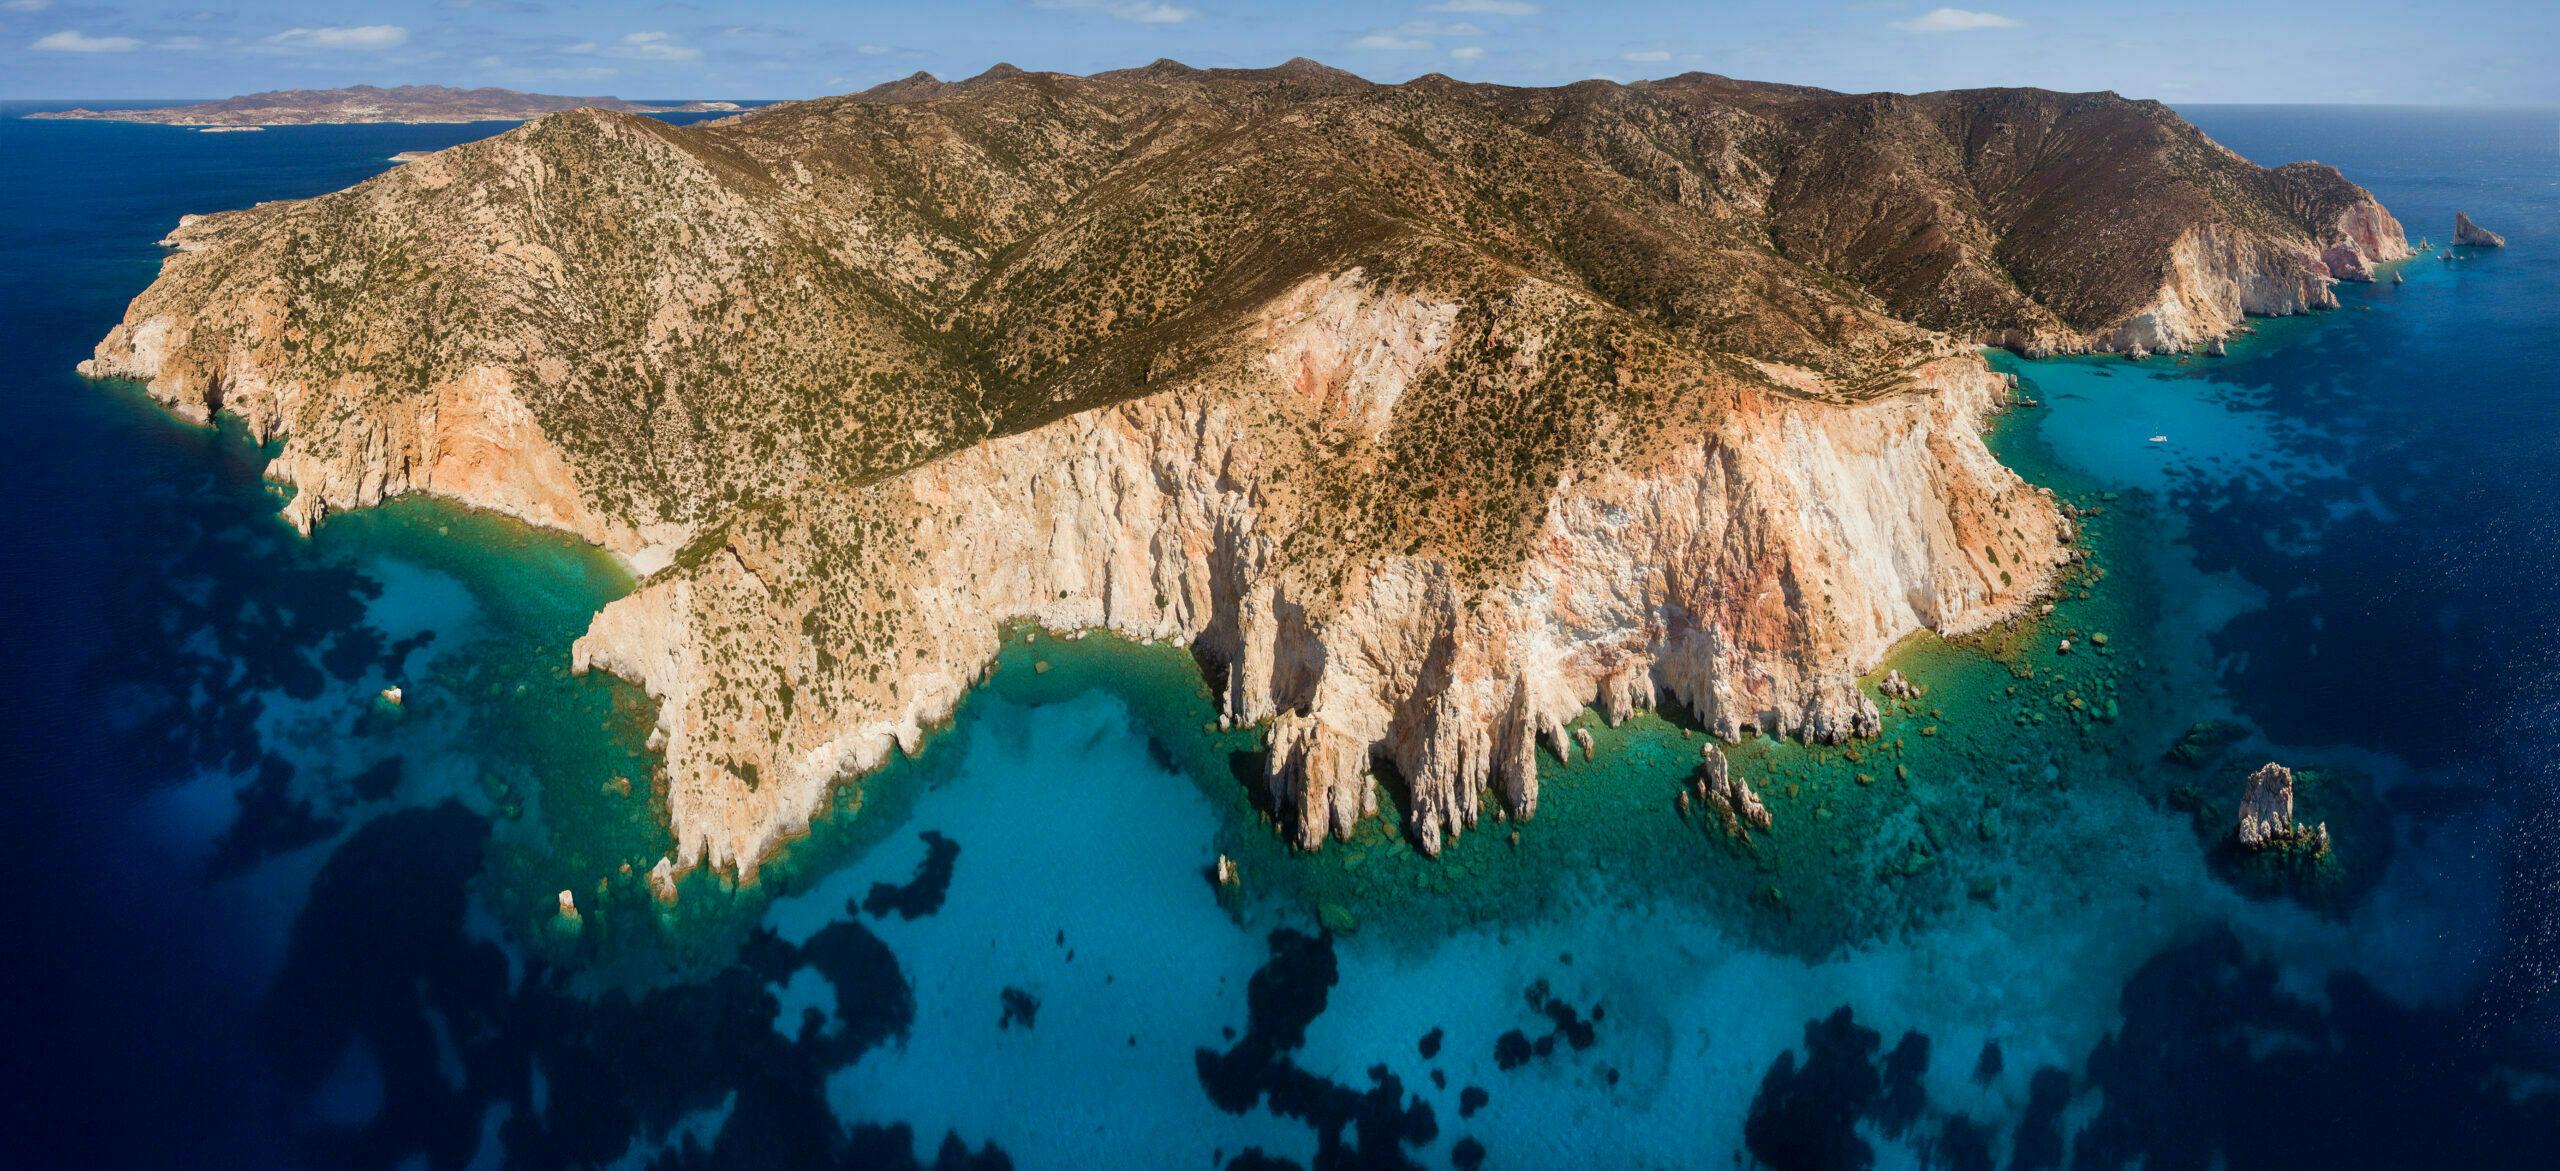 Aegean: The largest uninhabited island full of natural pools